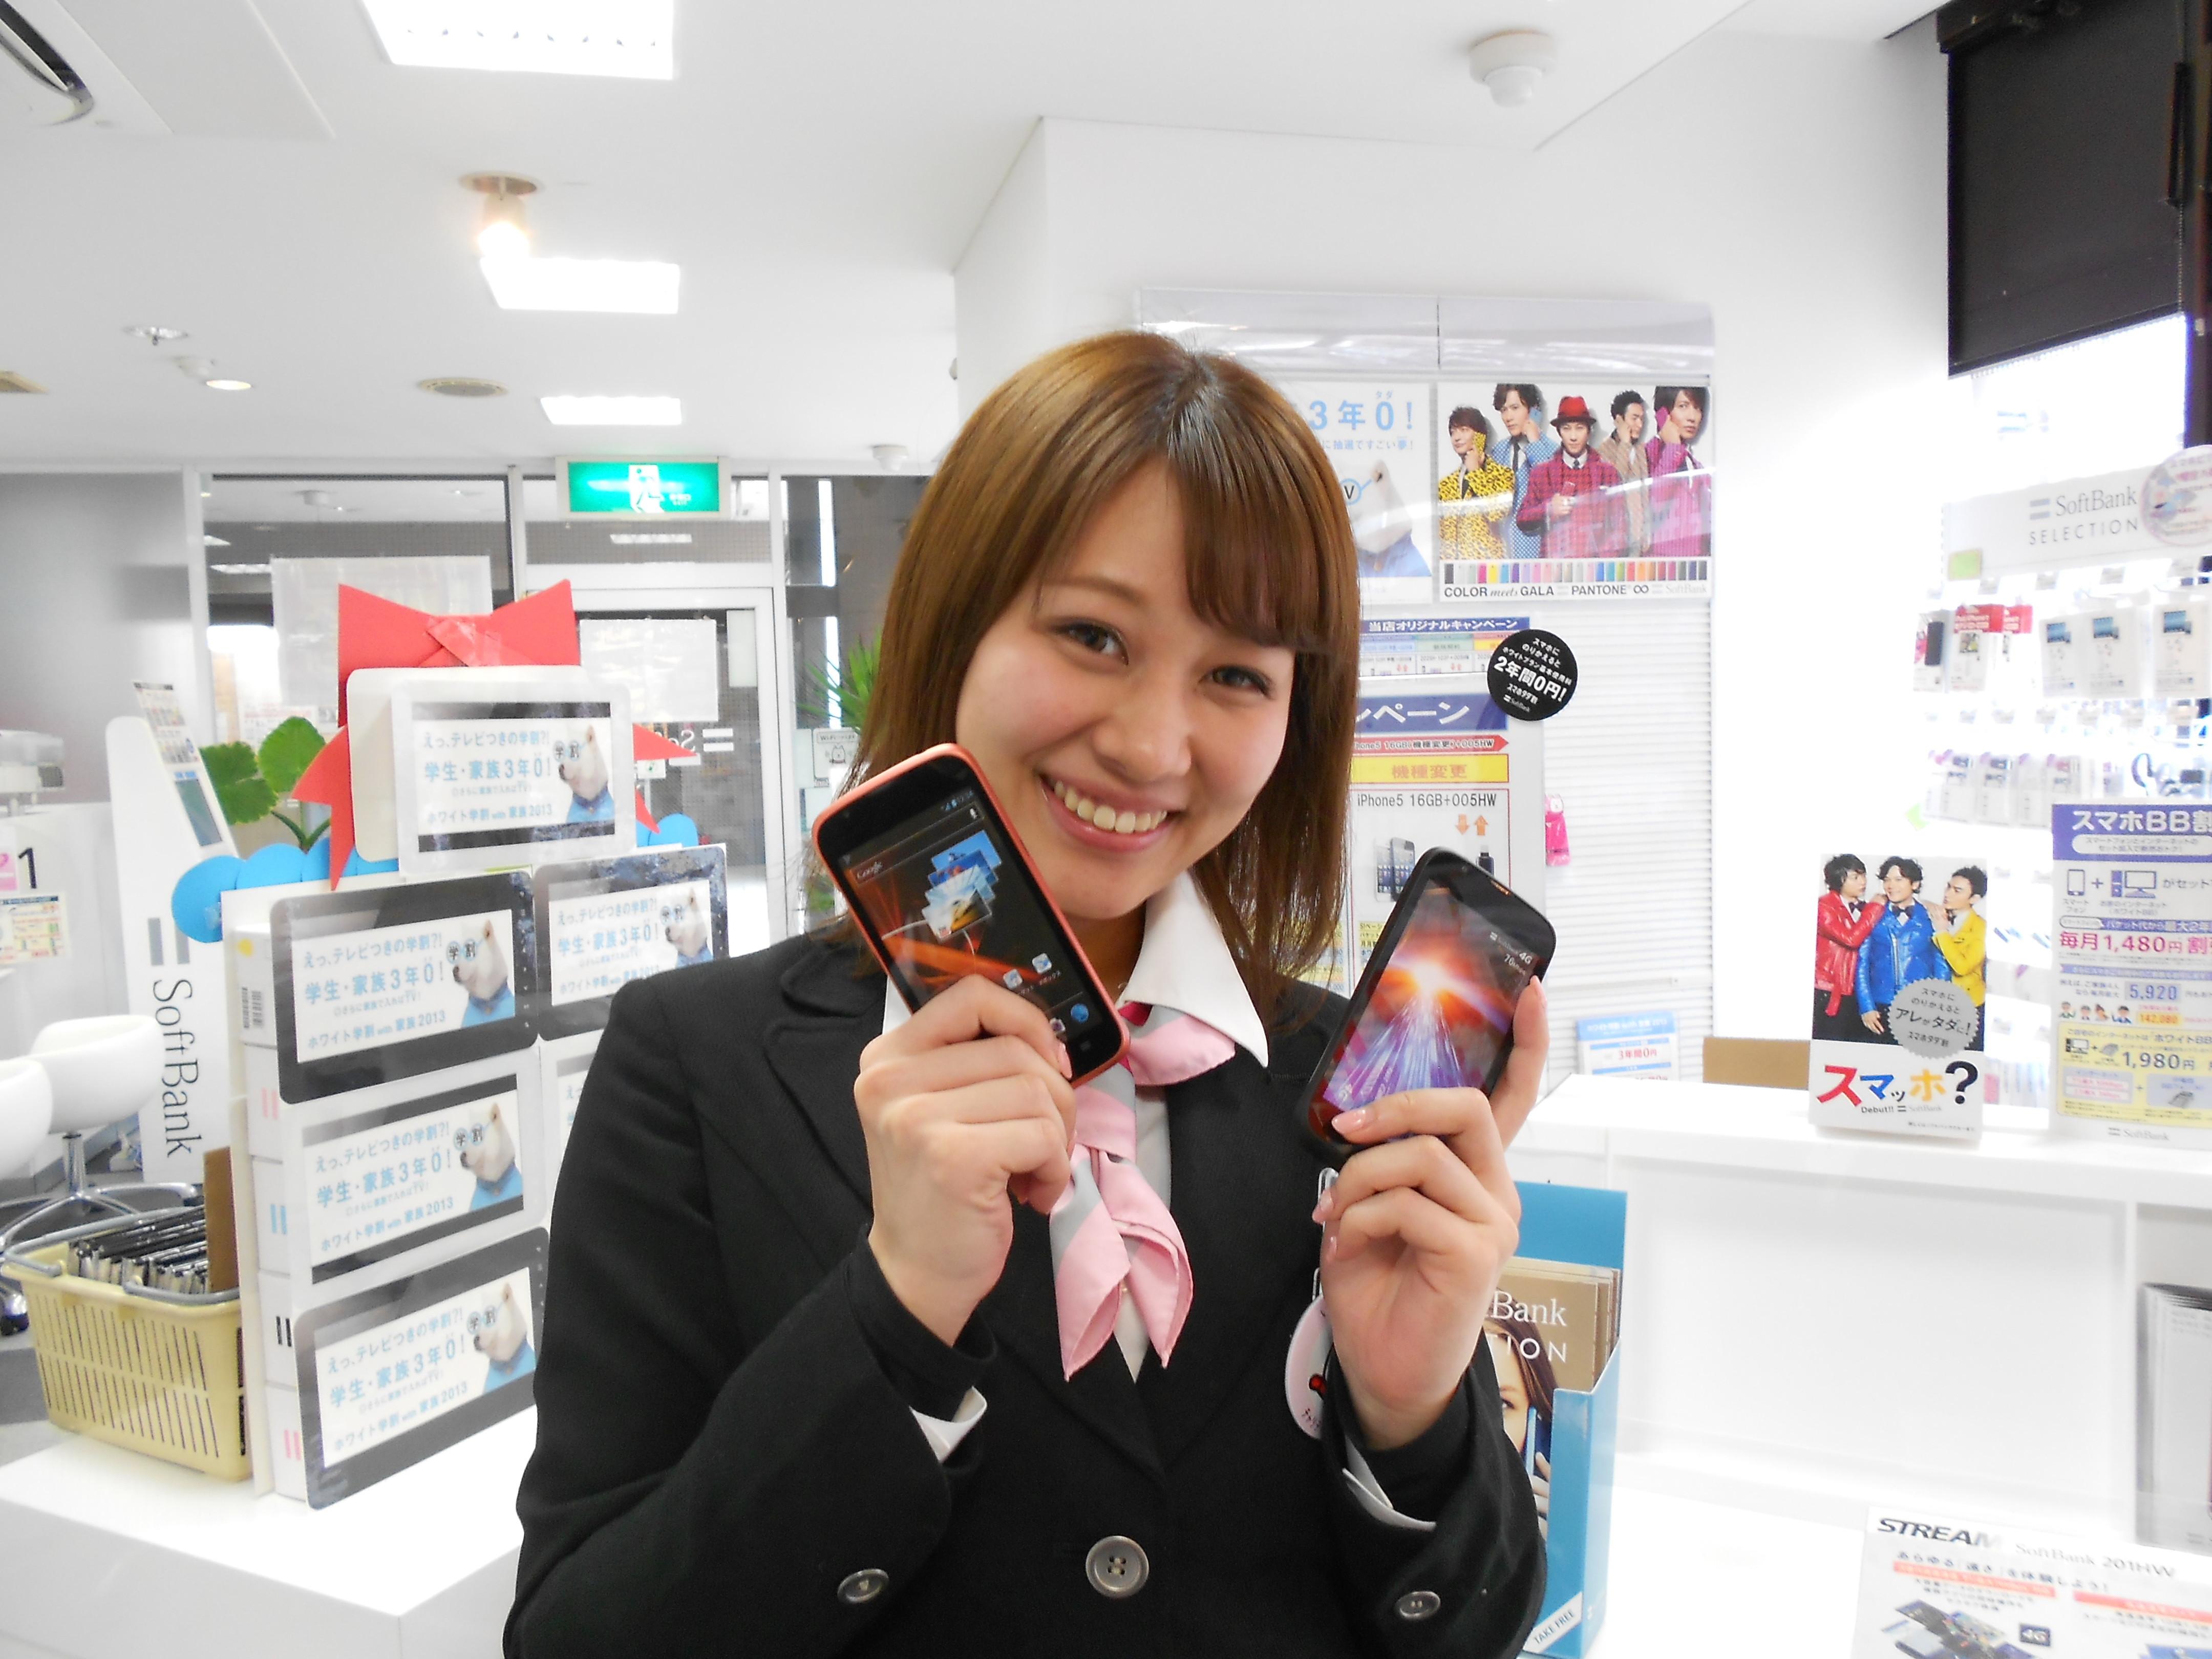 ワイモバイル 東村山(株式会社シエロ)のアルバイト情報